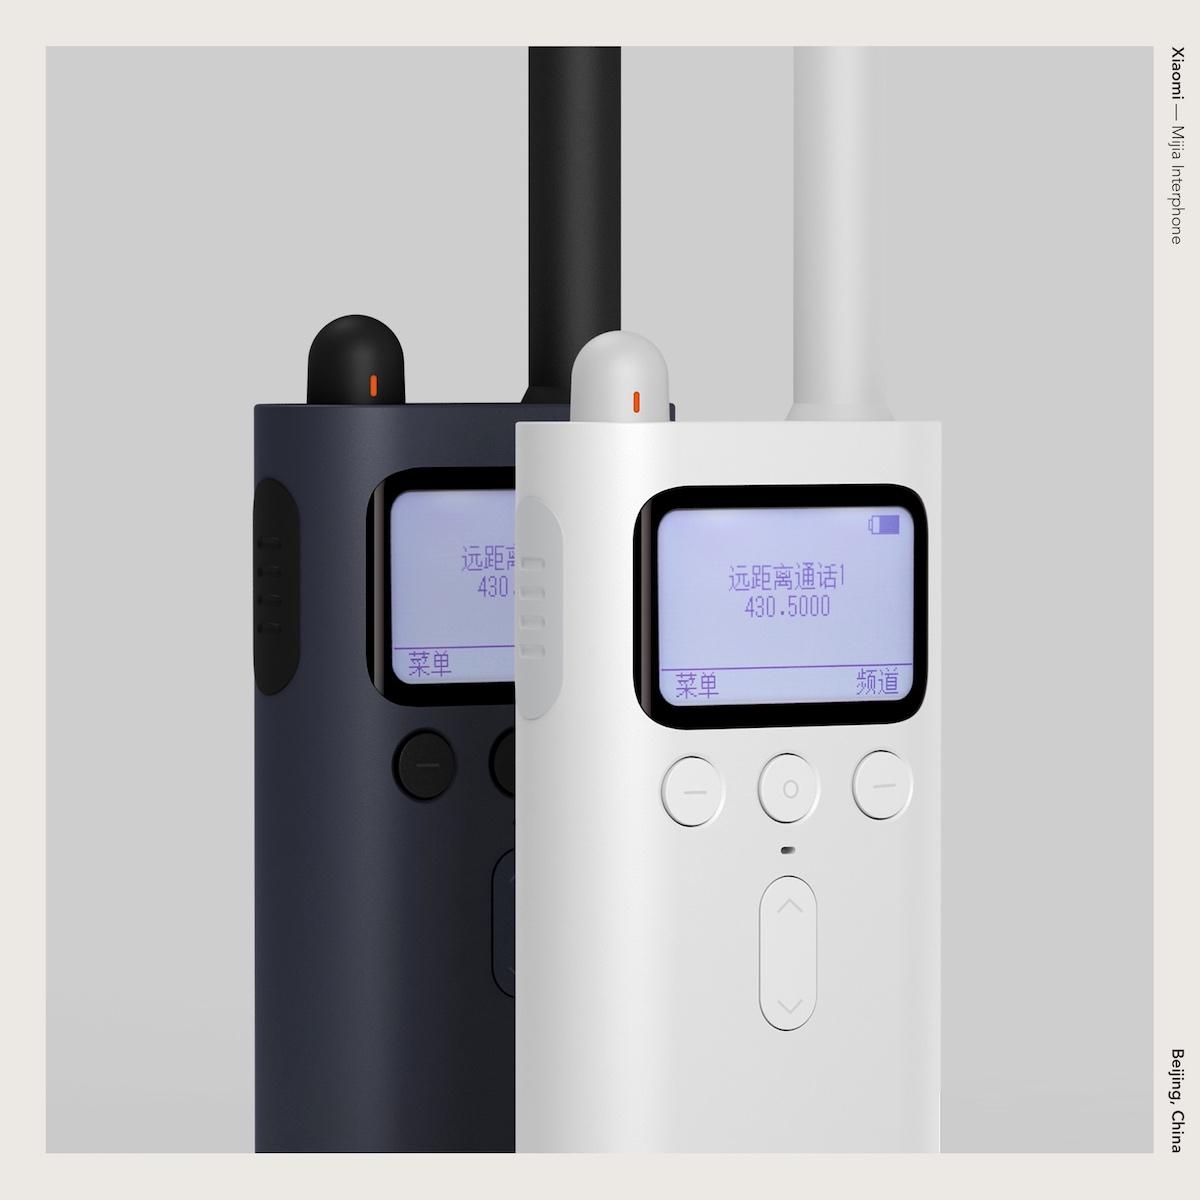 Xiaomi —Mijia Interphone